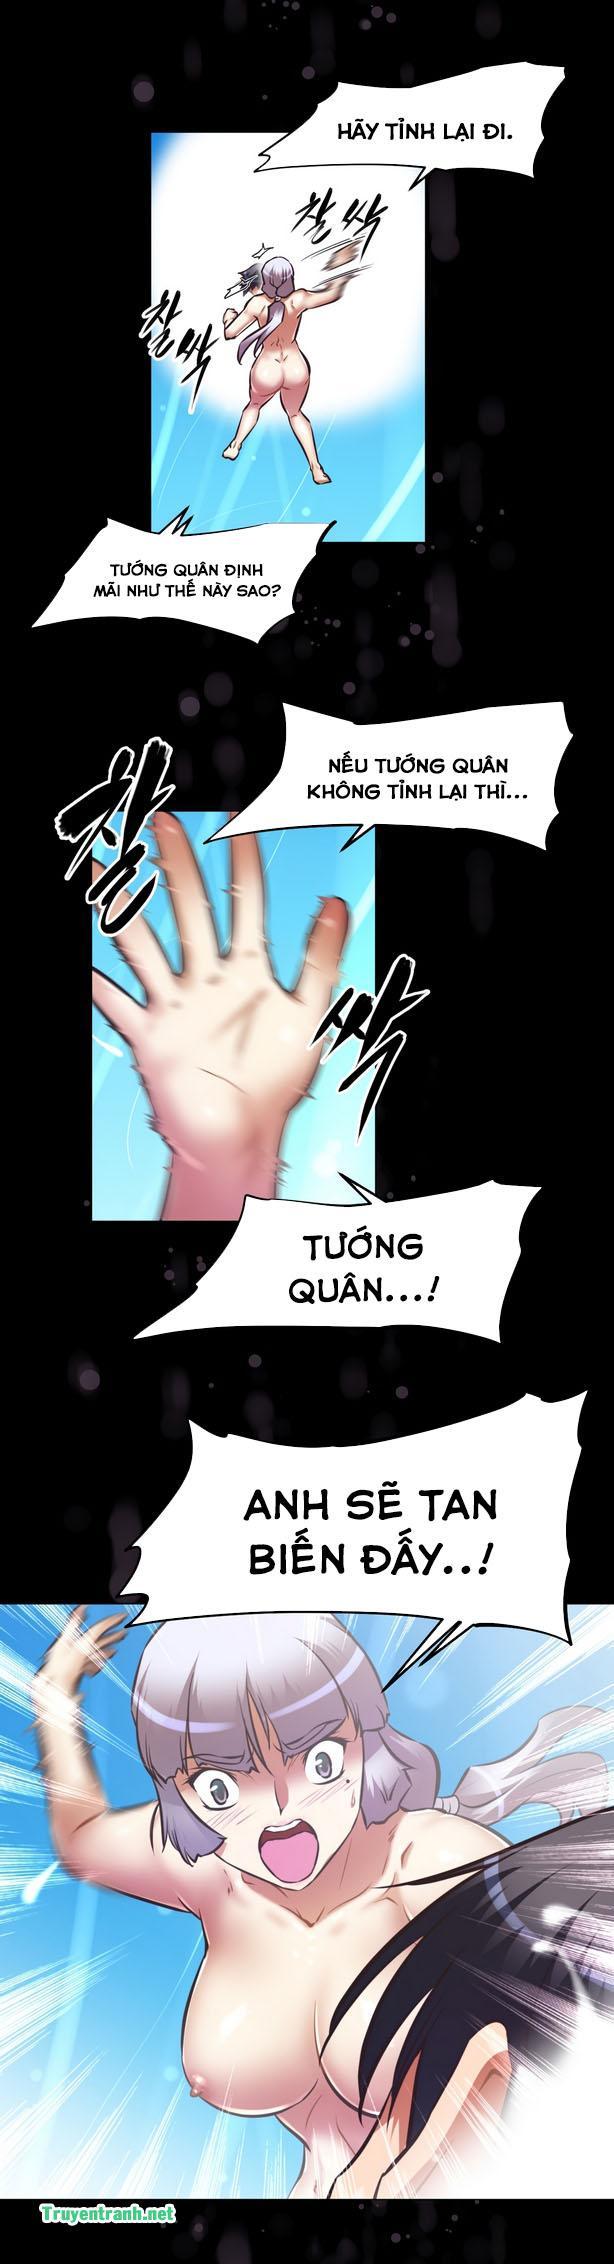 Anh Chàng Liệt Dương